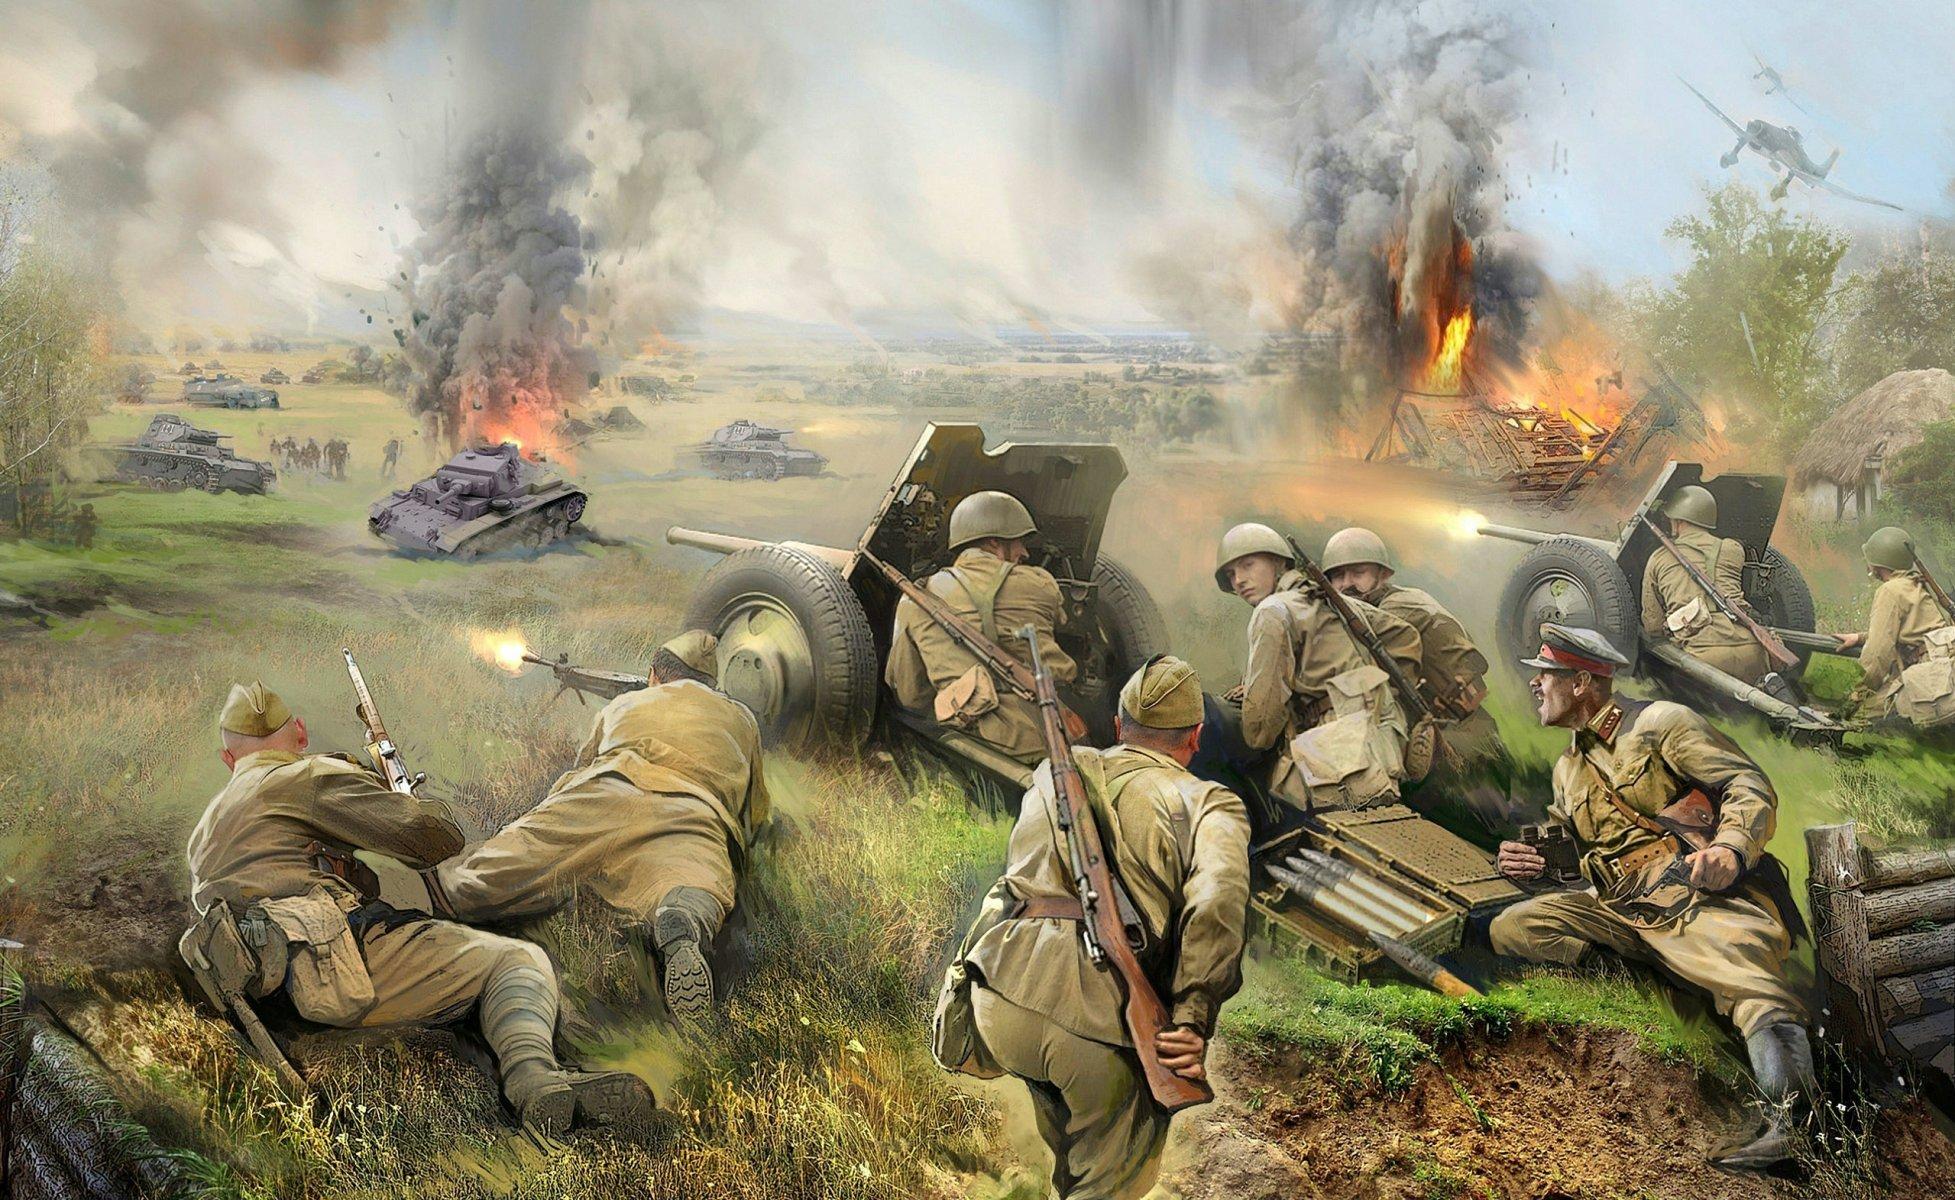 Великая отечественная война 1941-1945 картинки сражений, погранвойск